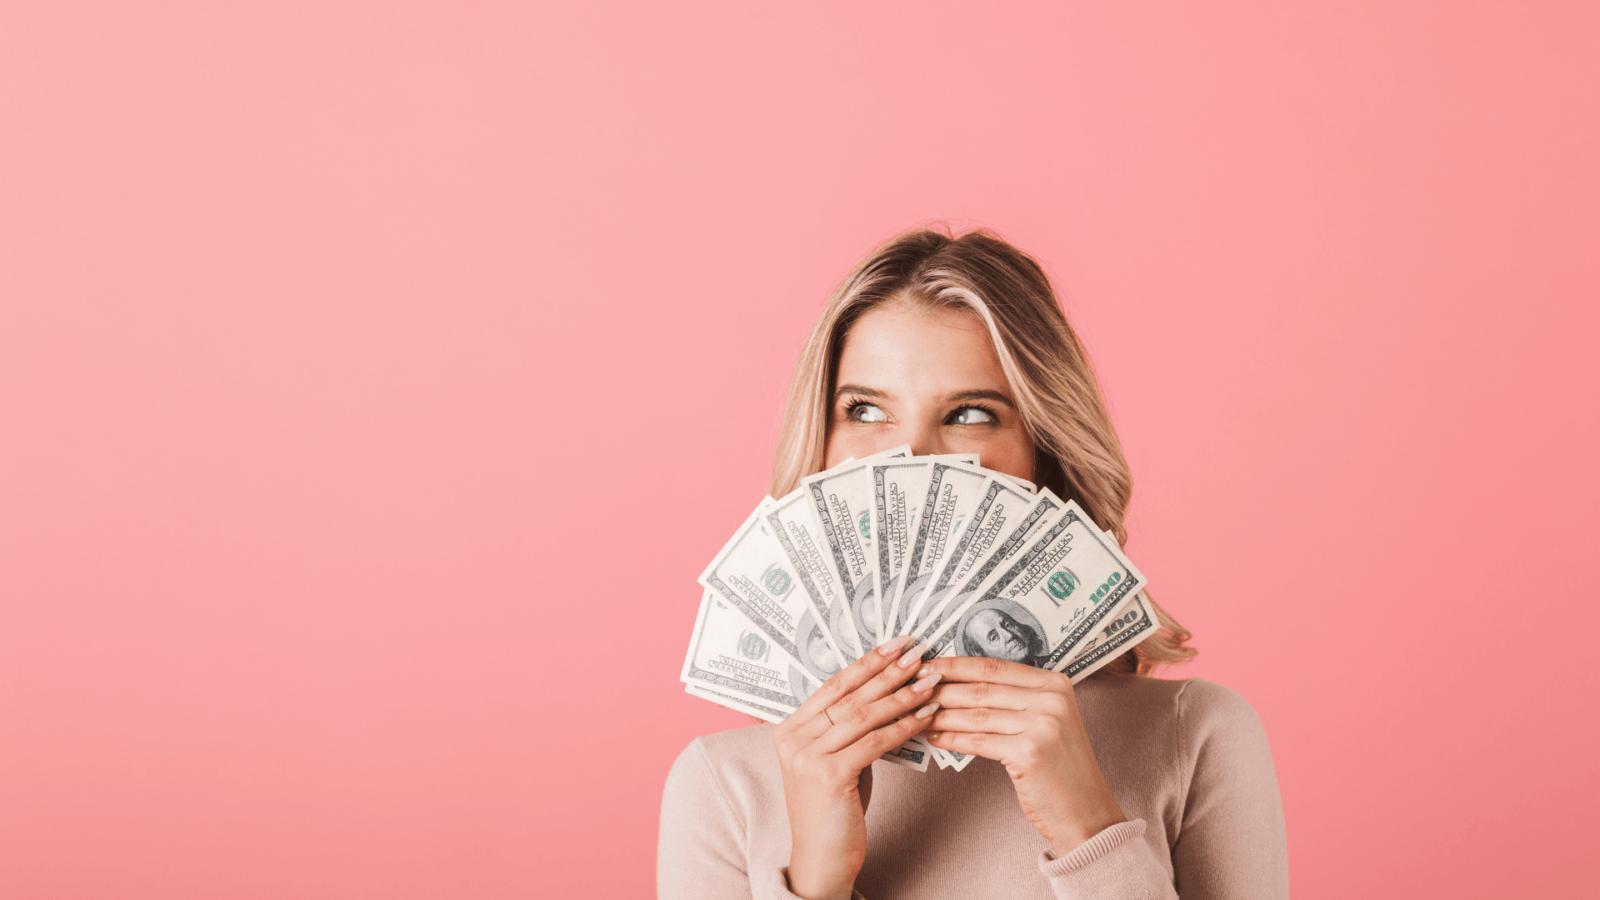 Πως να αναθεωρήσω την έννοια του χρήματος στο μυαλό μου